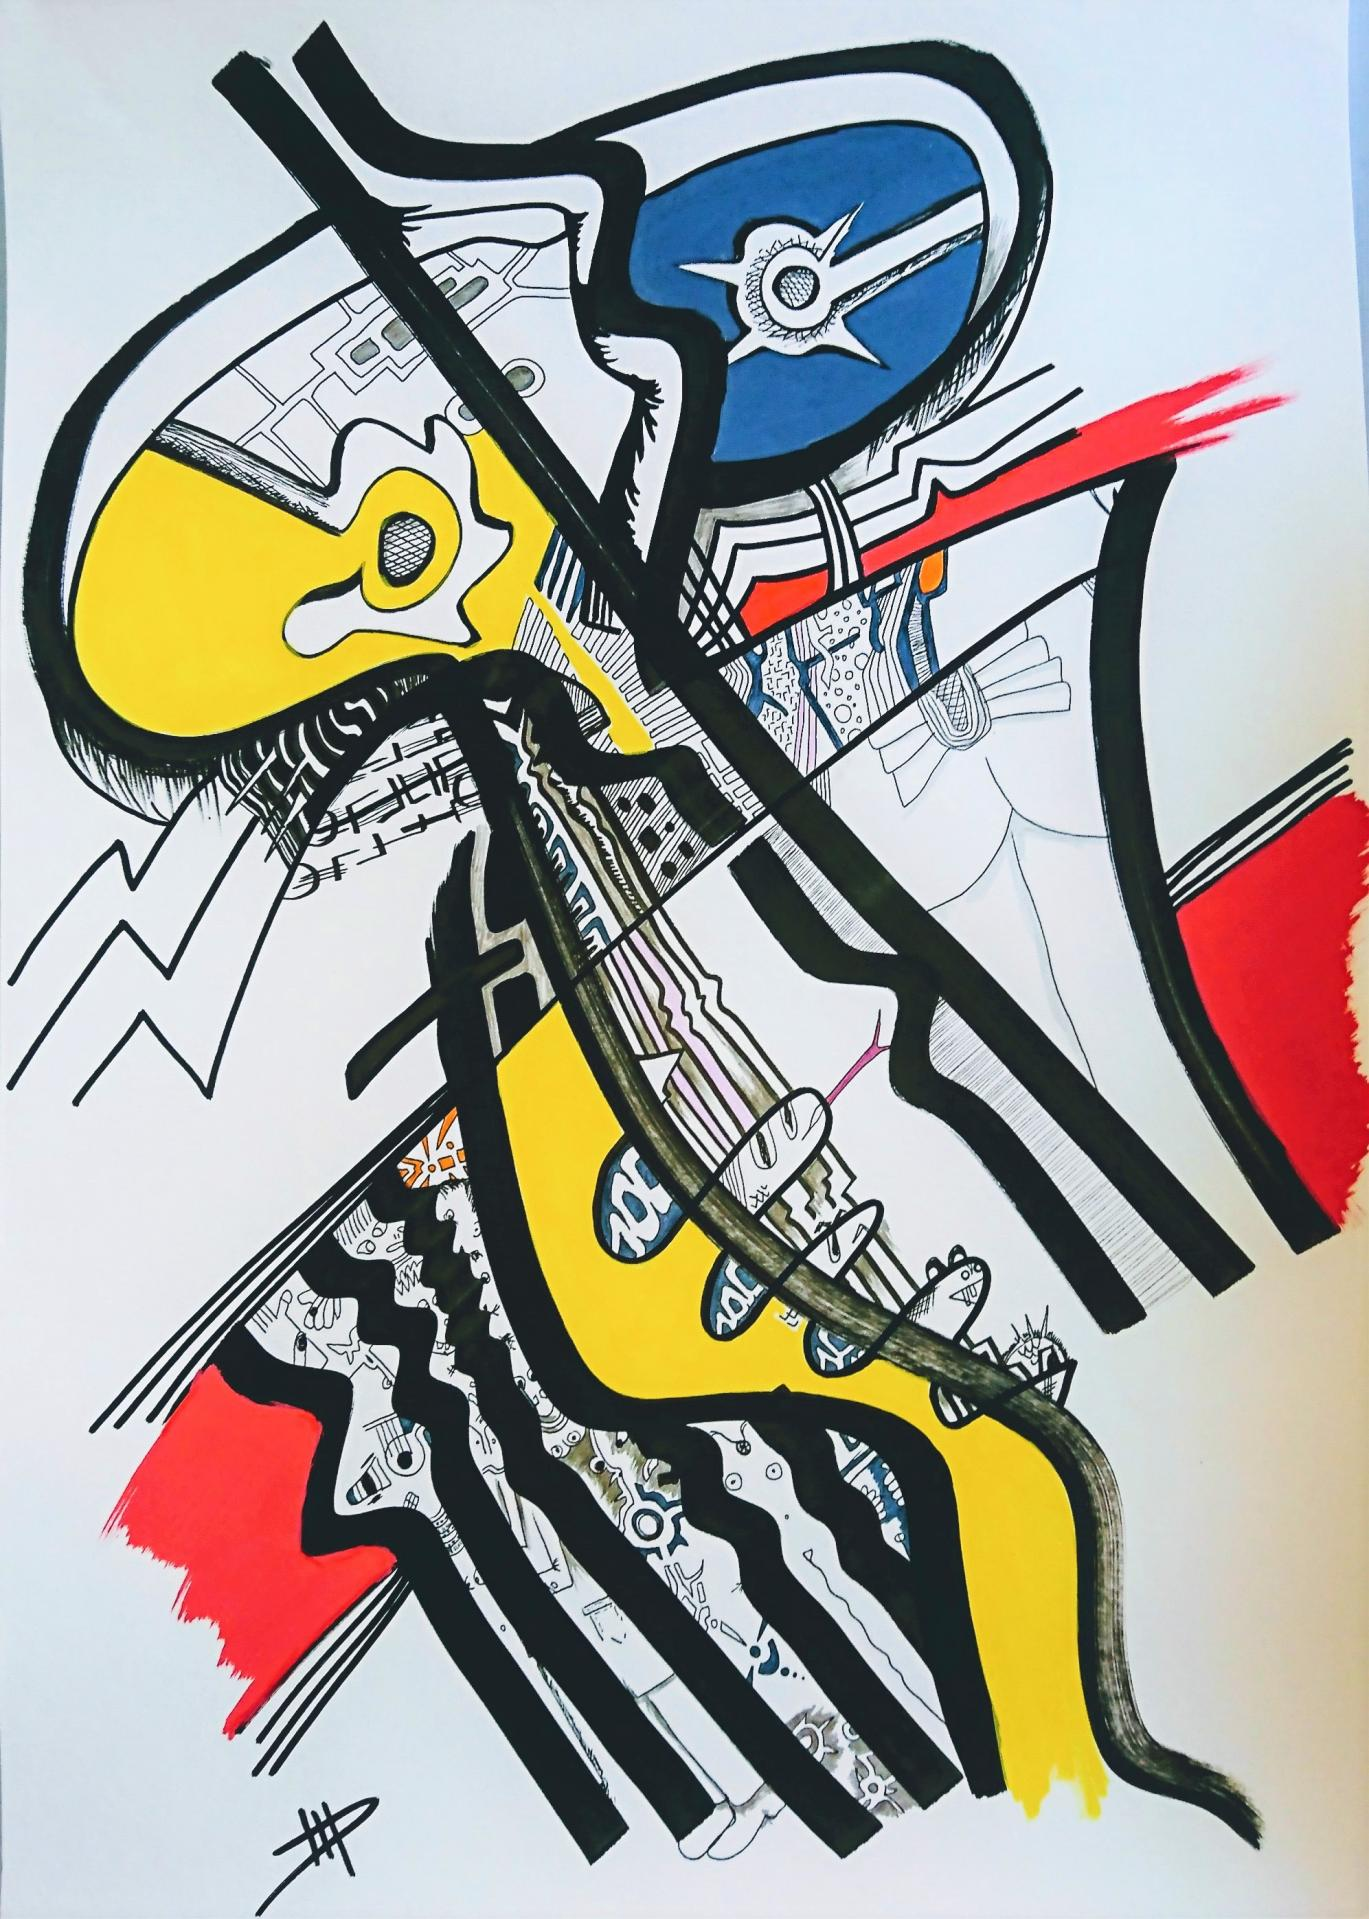 Pompidou's radioactive grandchildrens